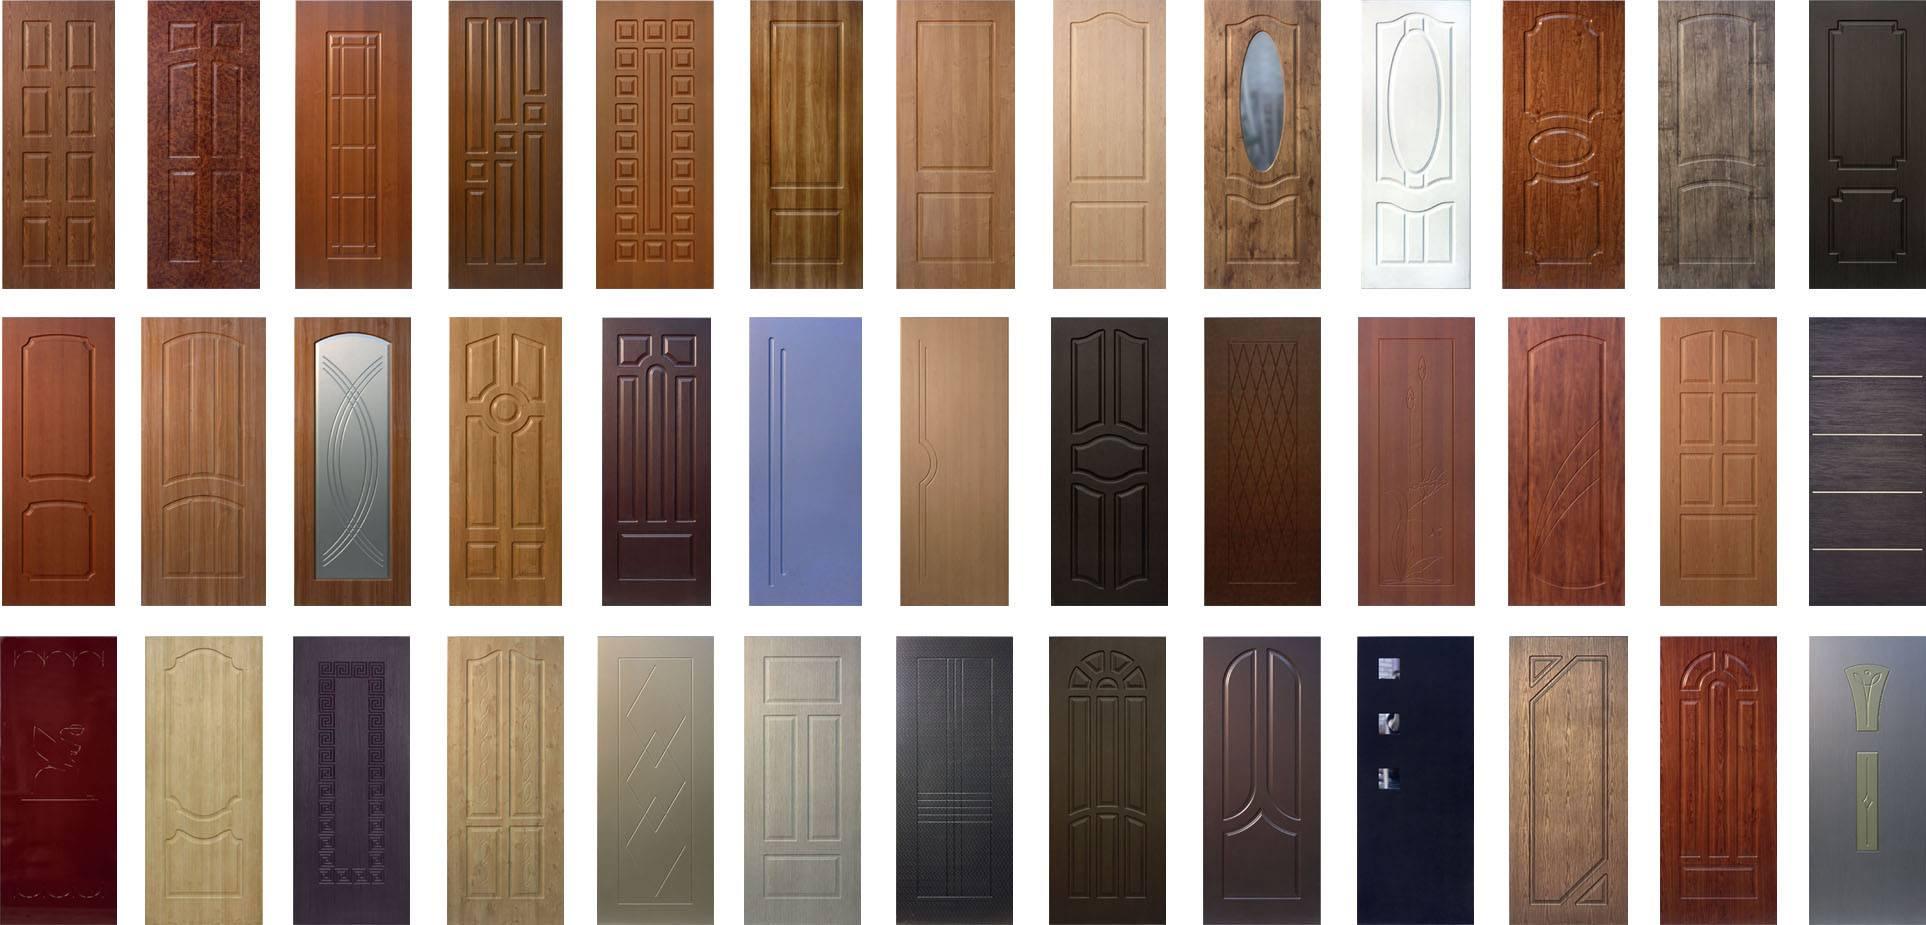 Накладка на входную дверь из мдф, дерева, фанеры, как установить их своими руками